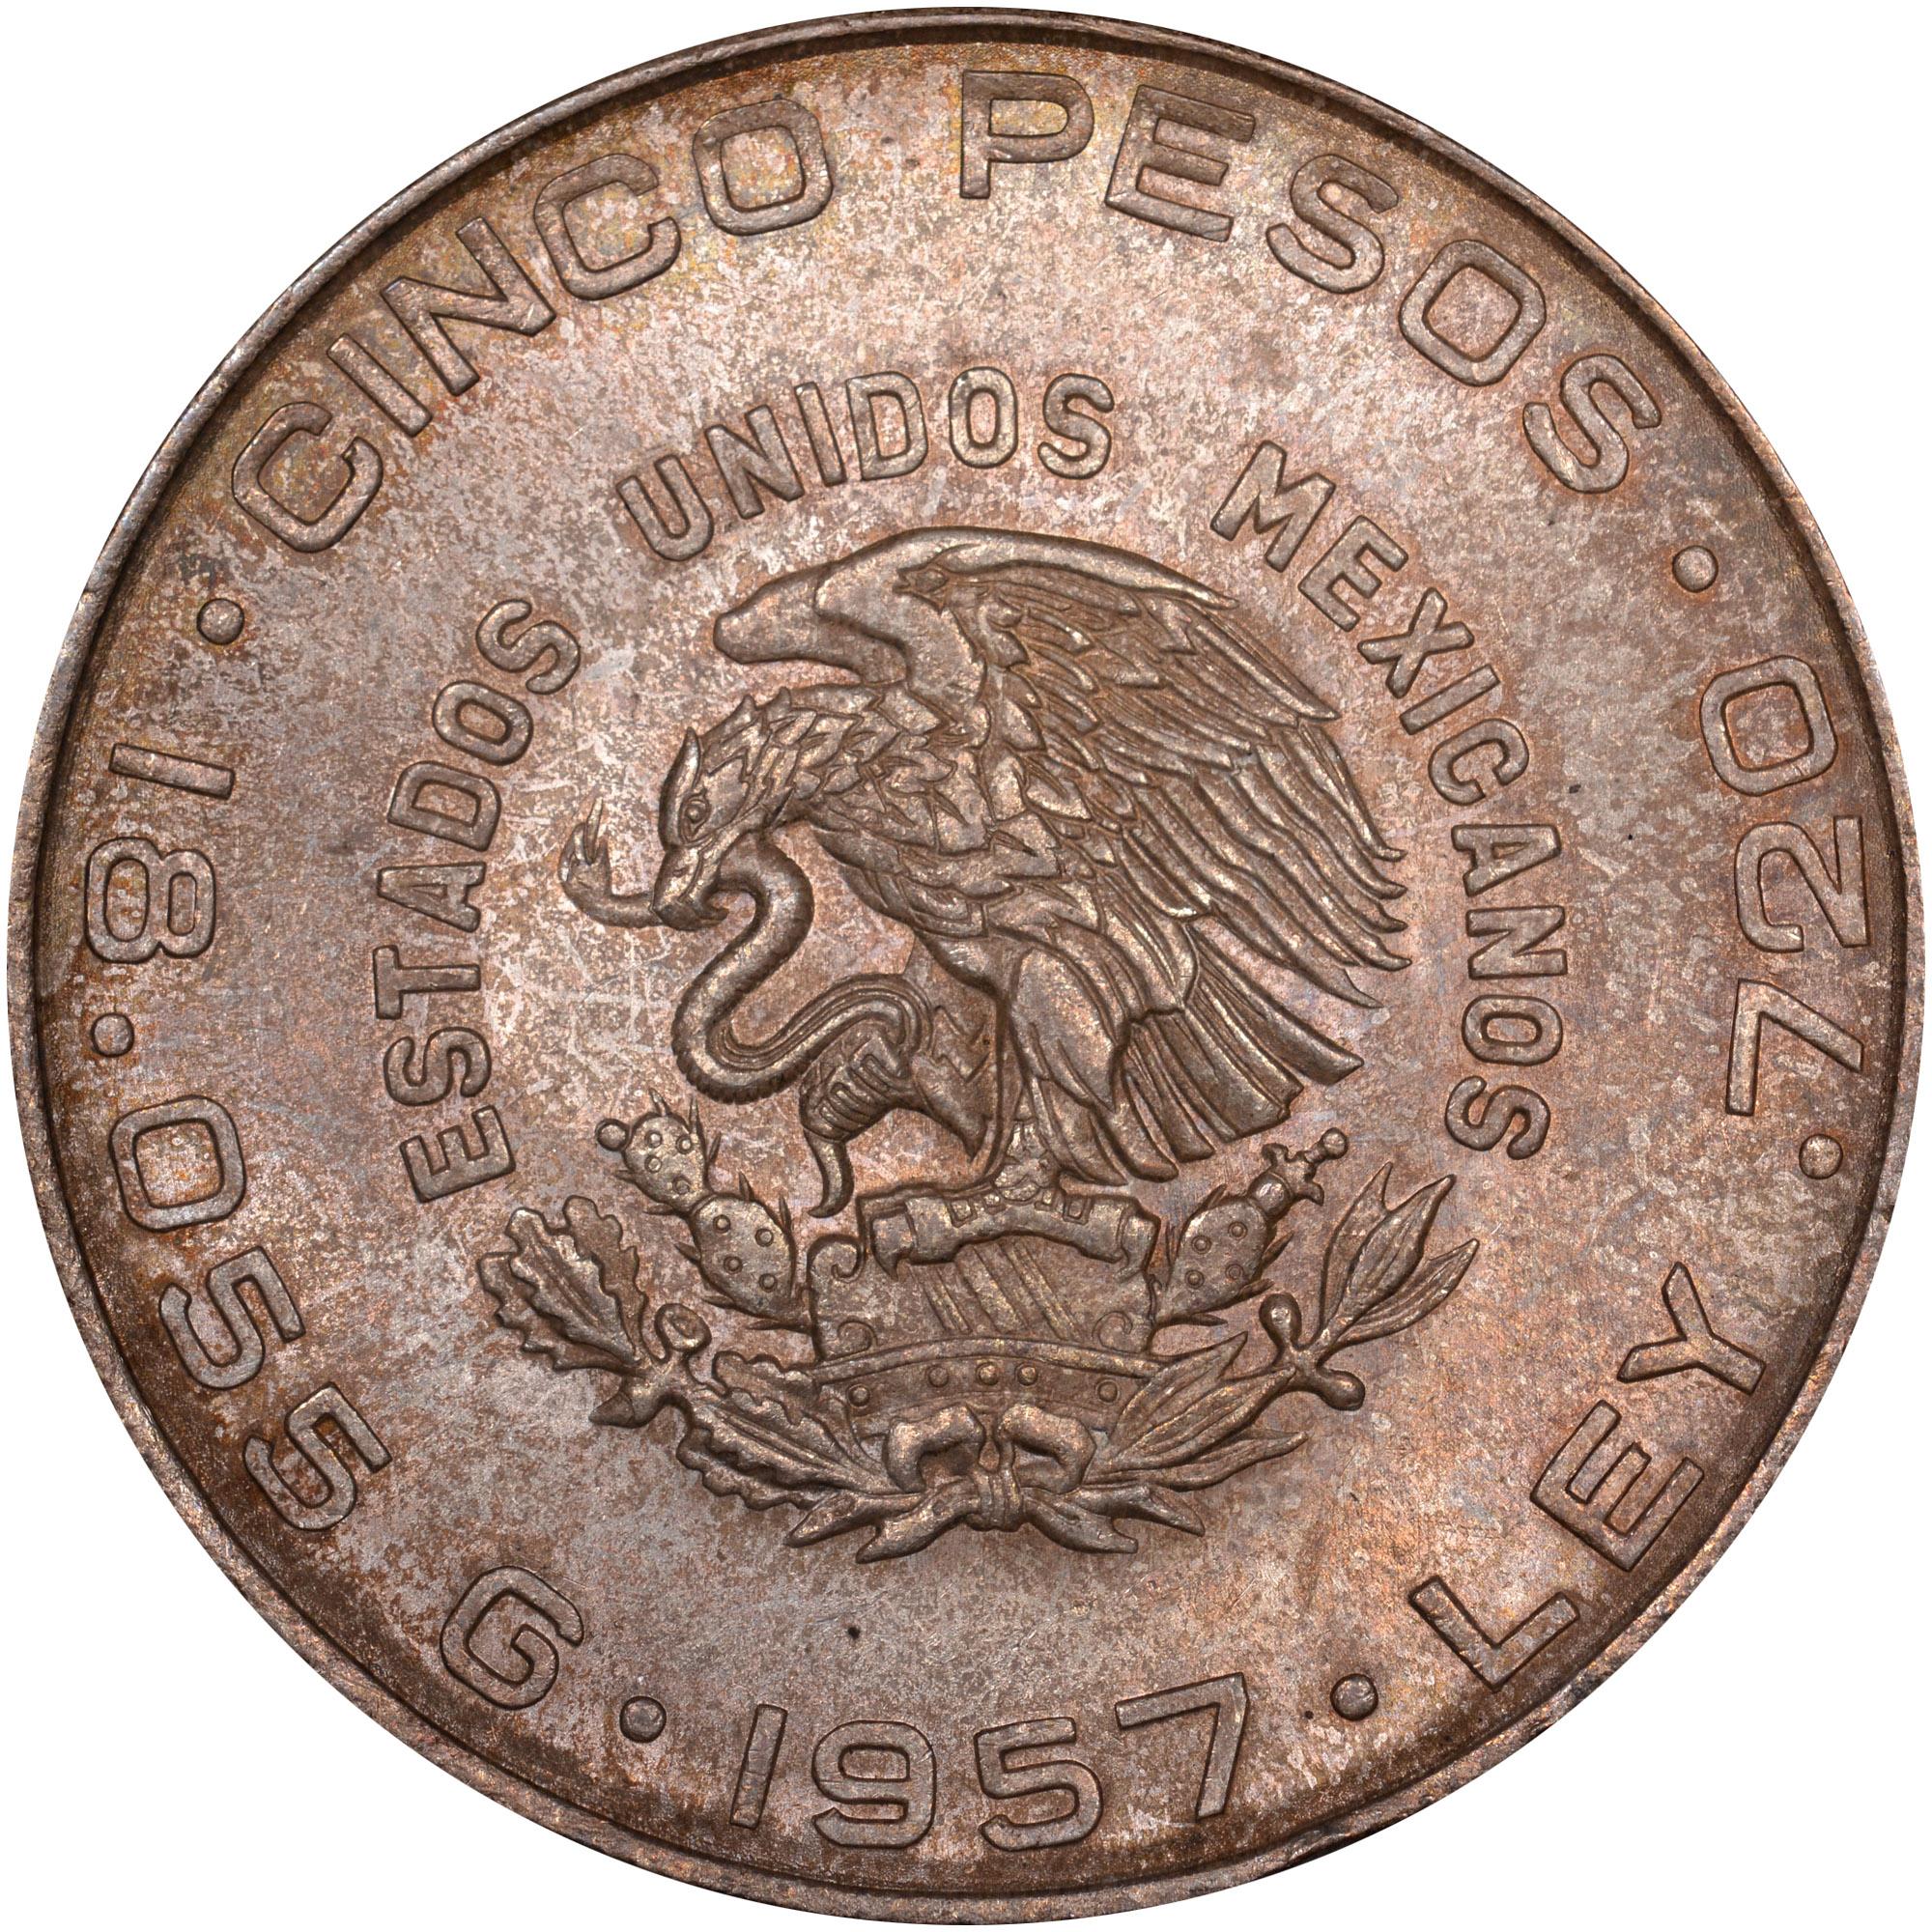 Coin Chart: Mexico ESTADOS UNIDOS MEXICANOS 5 Pesos KM 469 Prices